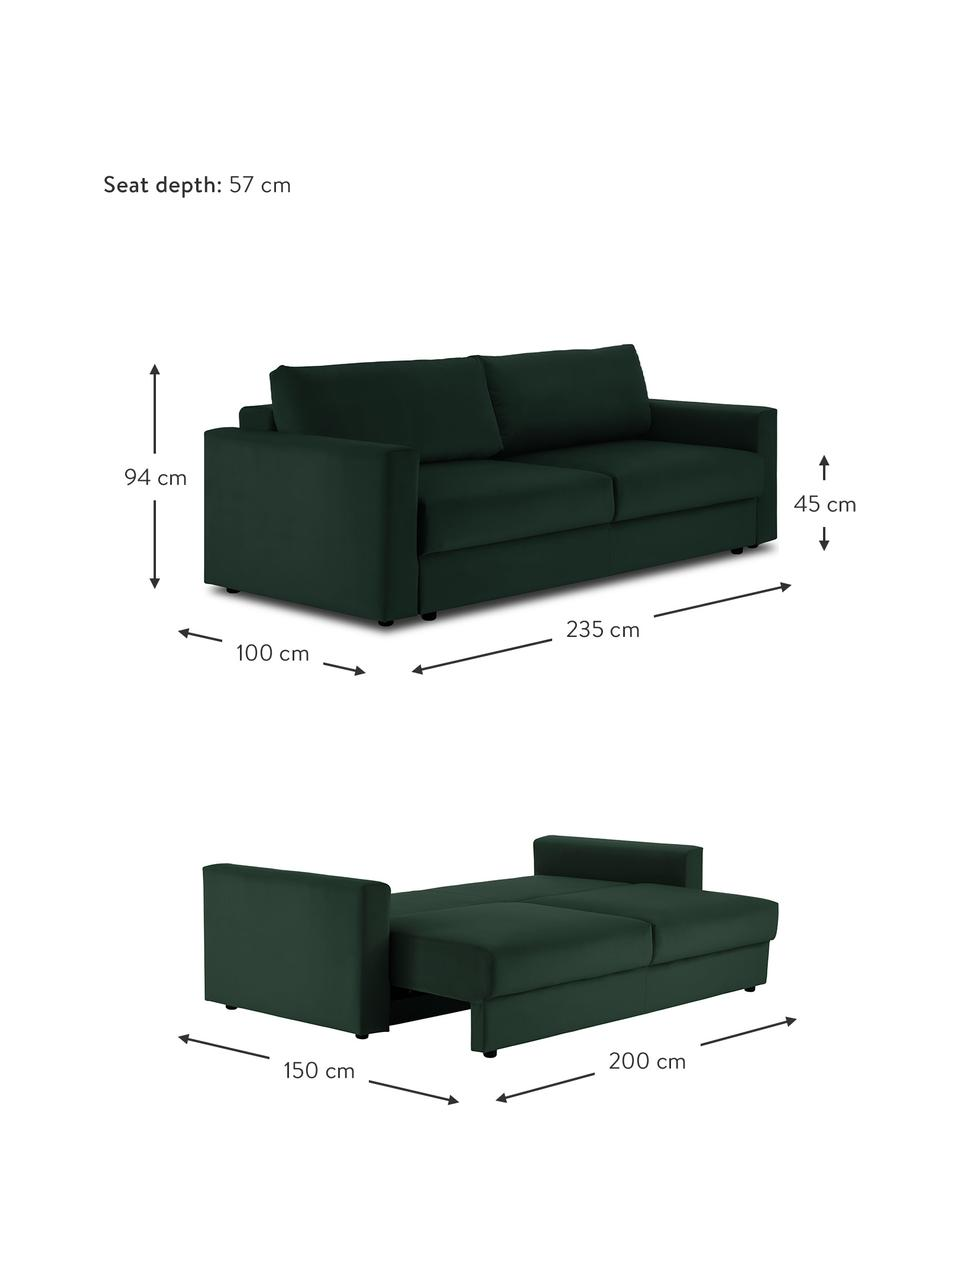 Sofa rozkładana z aksamitu Tasha, Tapicerka: aksamit (100% poliester) , Stelaż: lite drewno sosnowe, skle, Nogi: tworzywo sztuczne, Aksamitny zielony, S 235 x G 100 cm